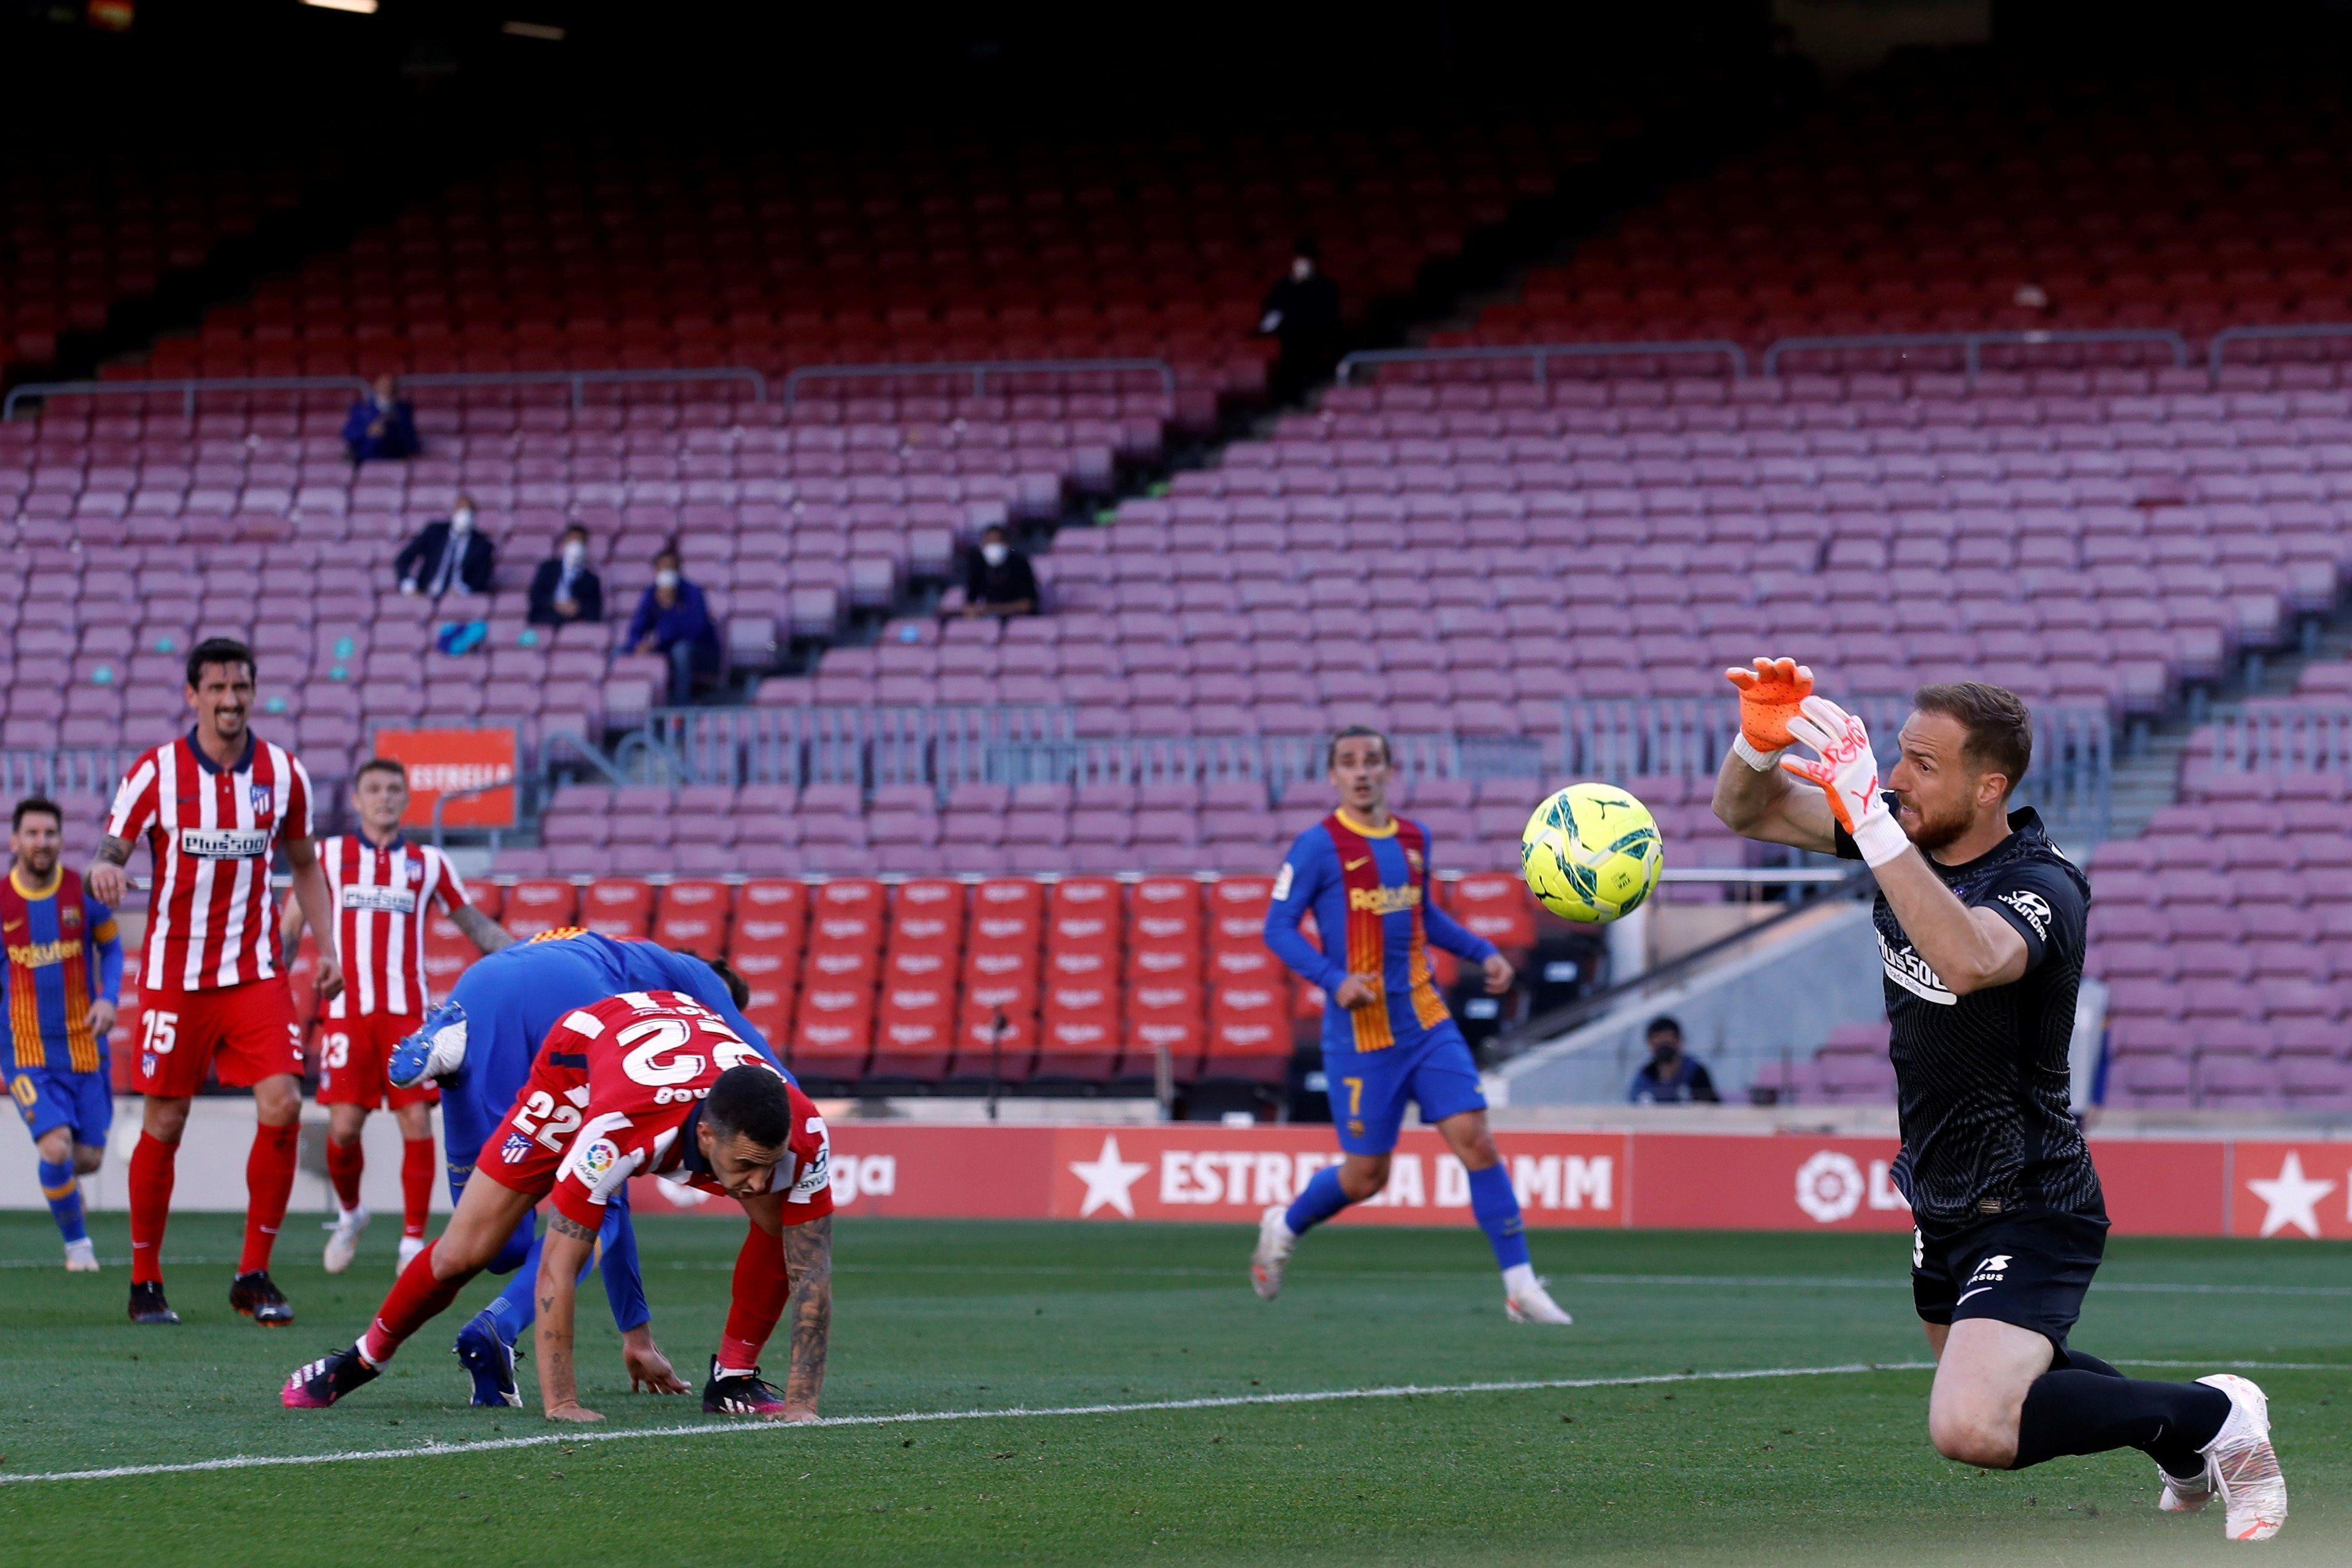 Oblak detiene el balón, durante el partido en el Camp Nou.